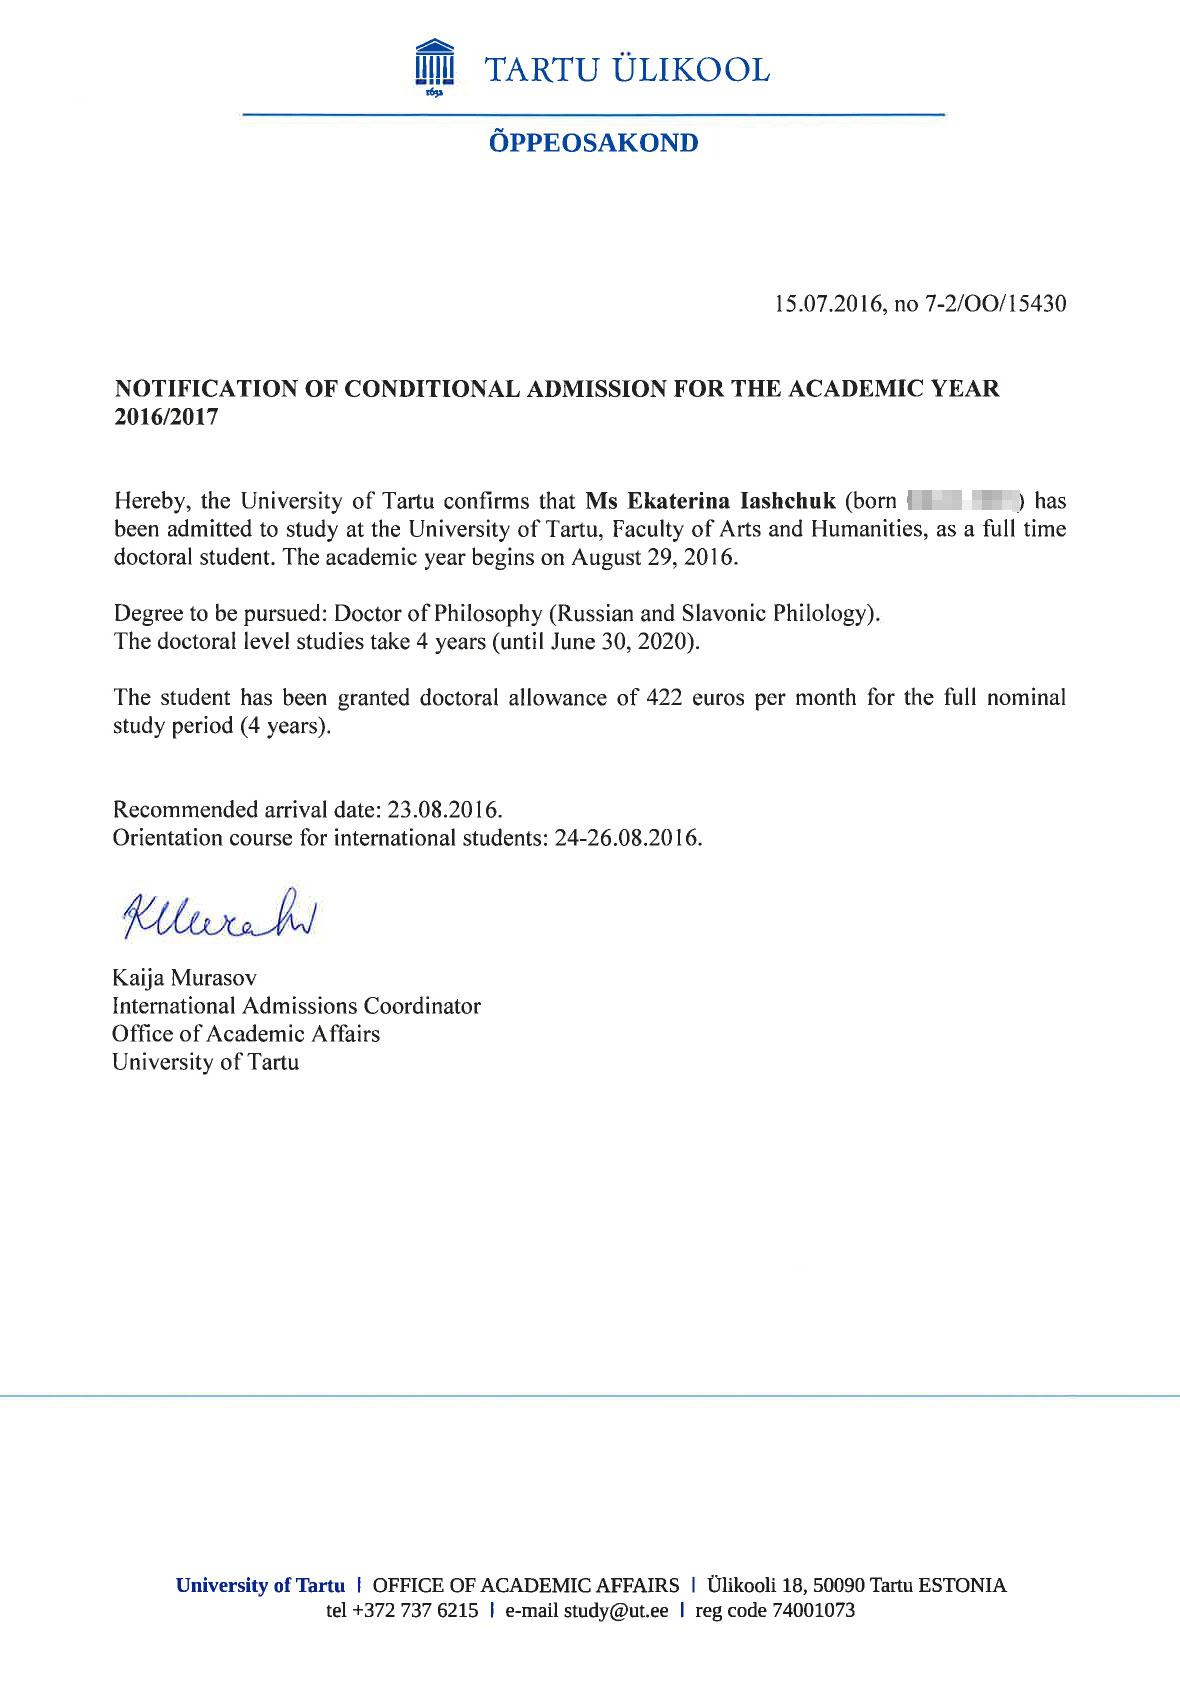 Приказ о моем зачислении в Тартуский университет. Там сразу указана моя стипендия — 422€ (30 000<span class=ruble>Р</span>), но это было в 2016 году, потом ее размер сильно вырос. Этот приказ может потребоваться при пересечении границы и оформлении ВНЖ — он подтверждает наличие достаточного легального дохода